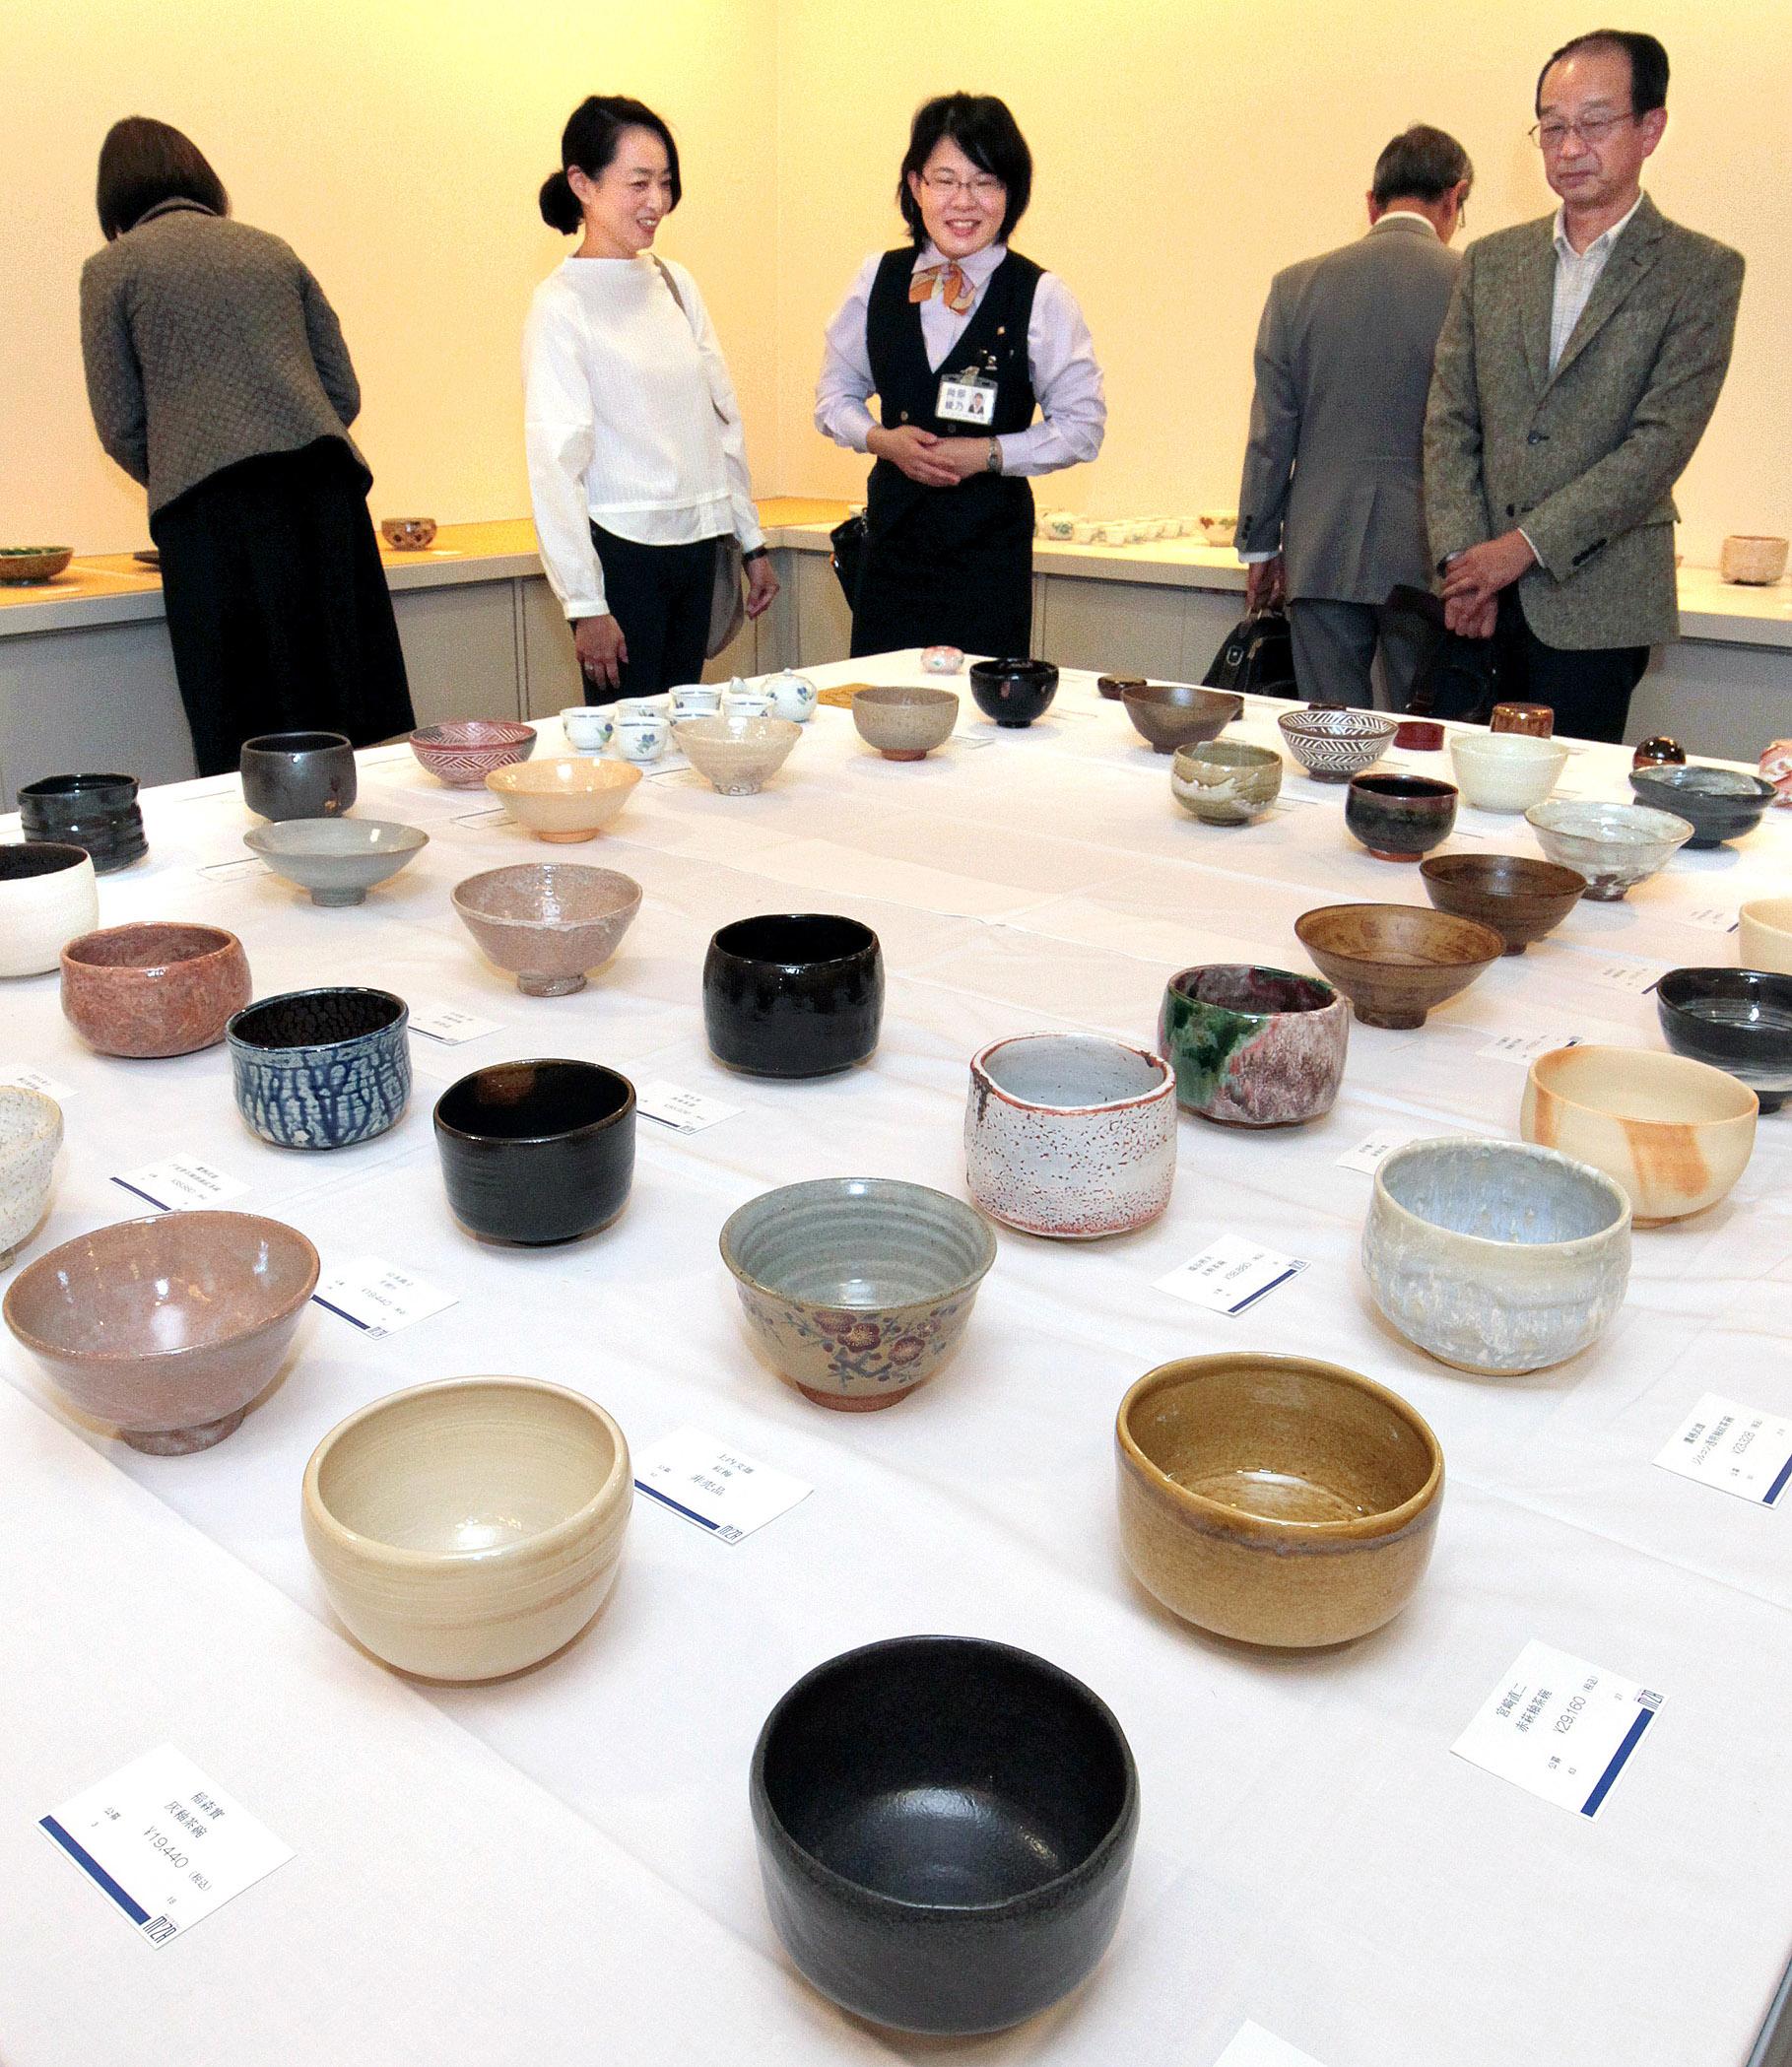 新作茶道具を鑑賞する来場者=金沢市のめいてつ・エムザ